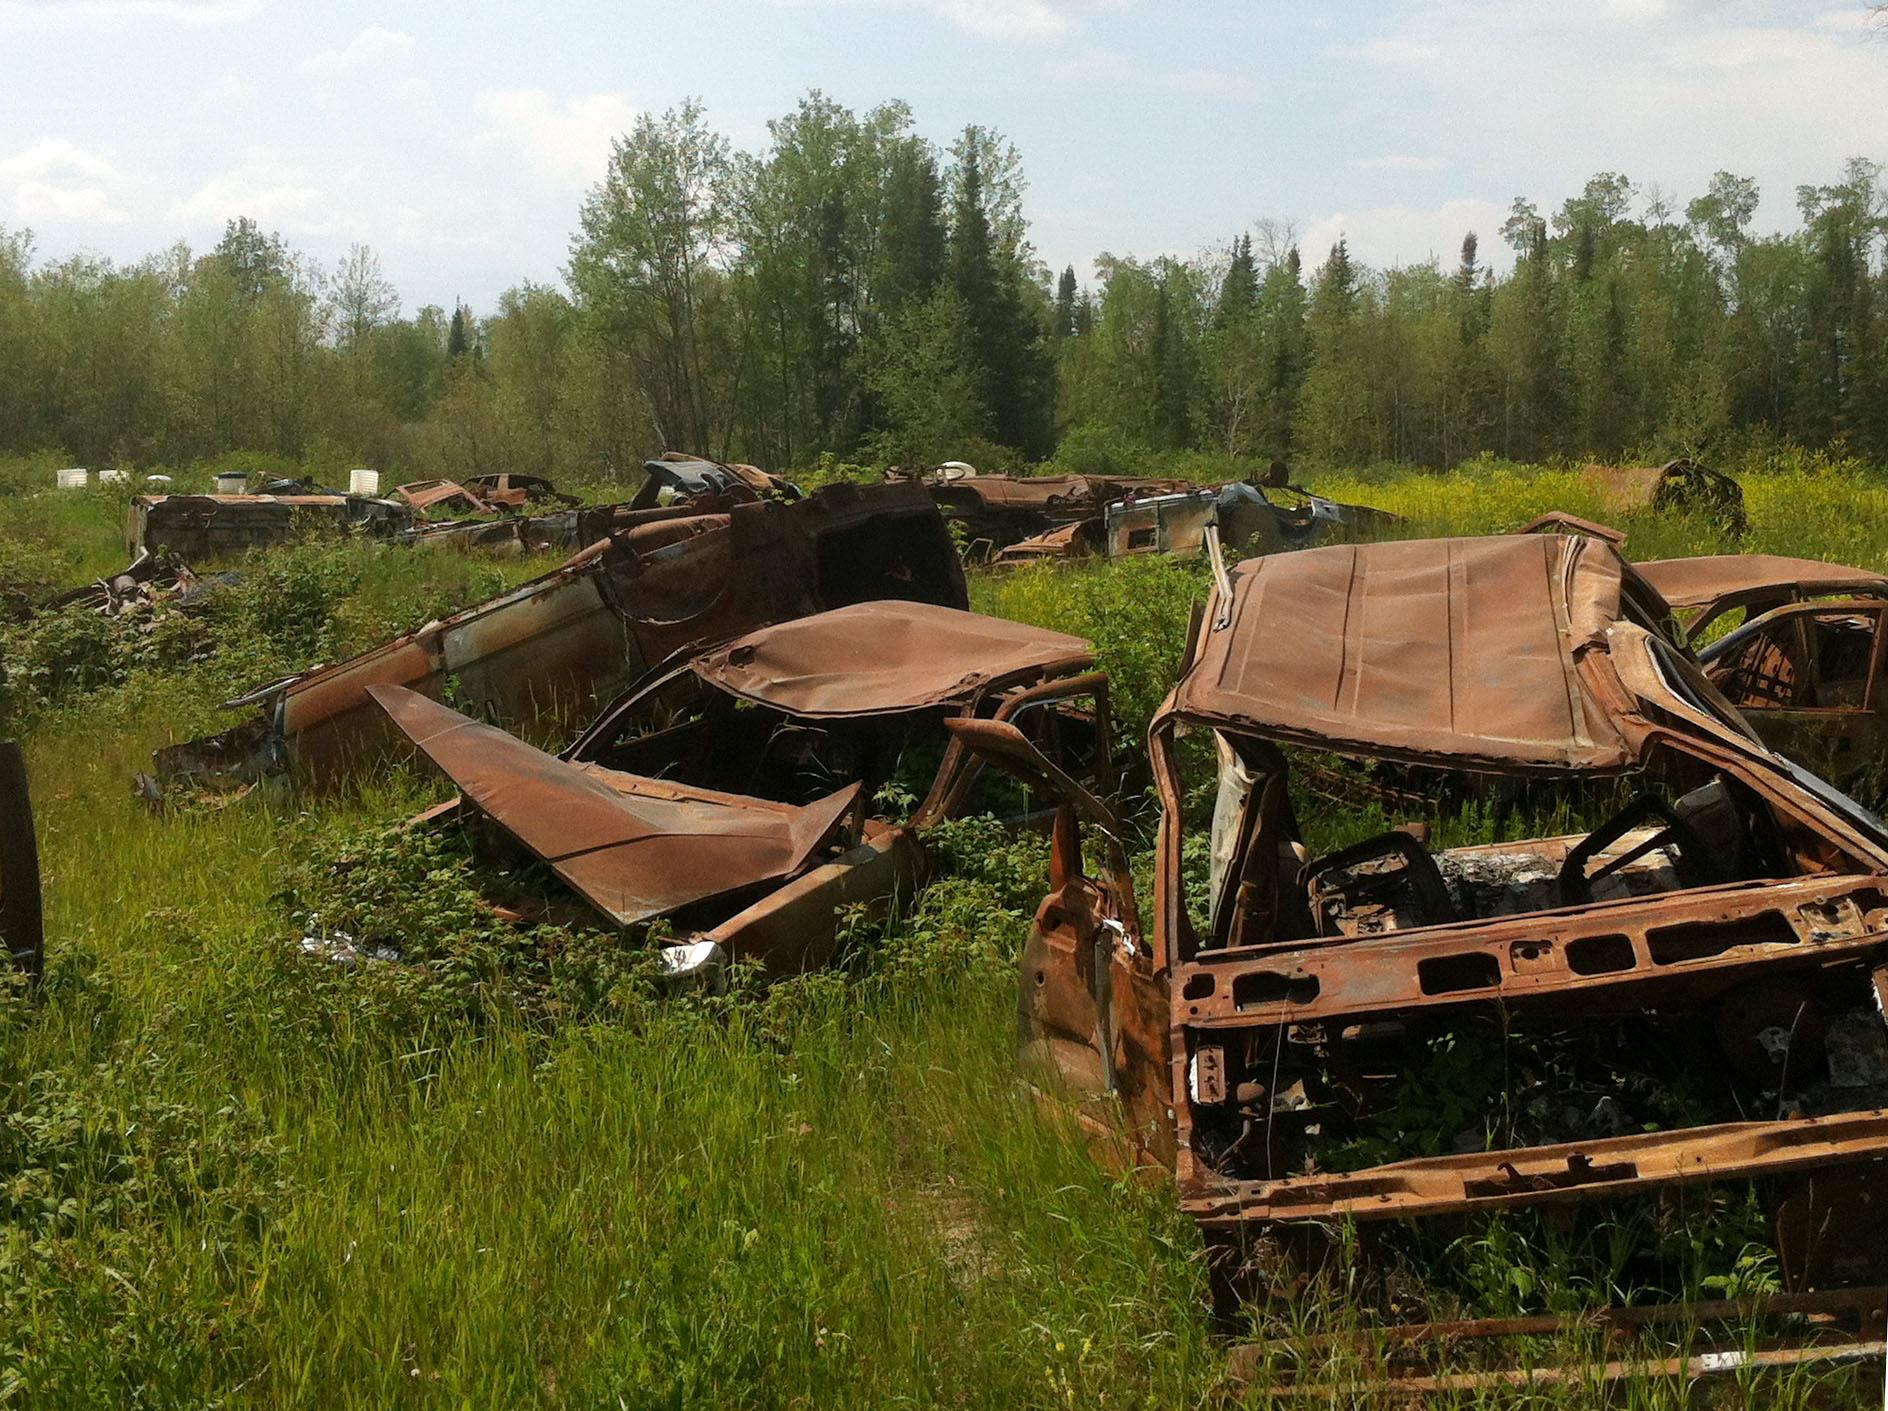 Derelict Vehicles & Metal | Boke Consulting